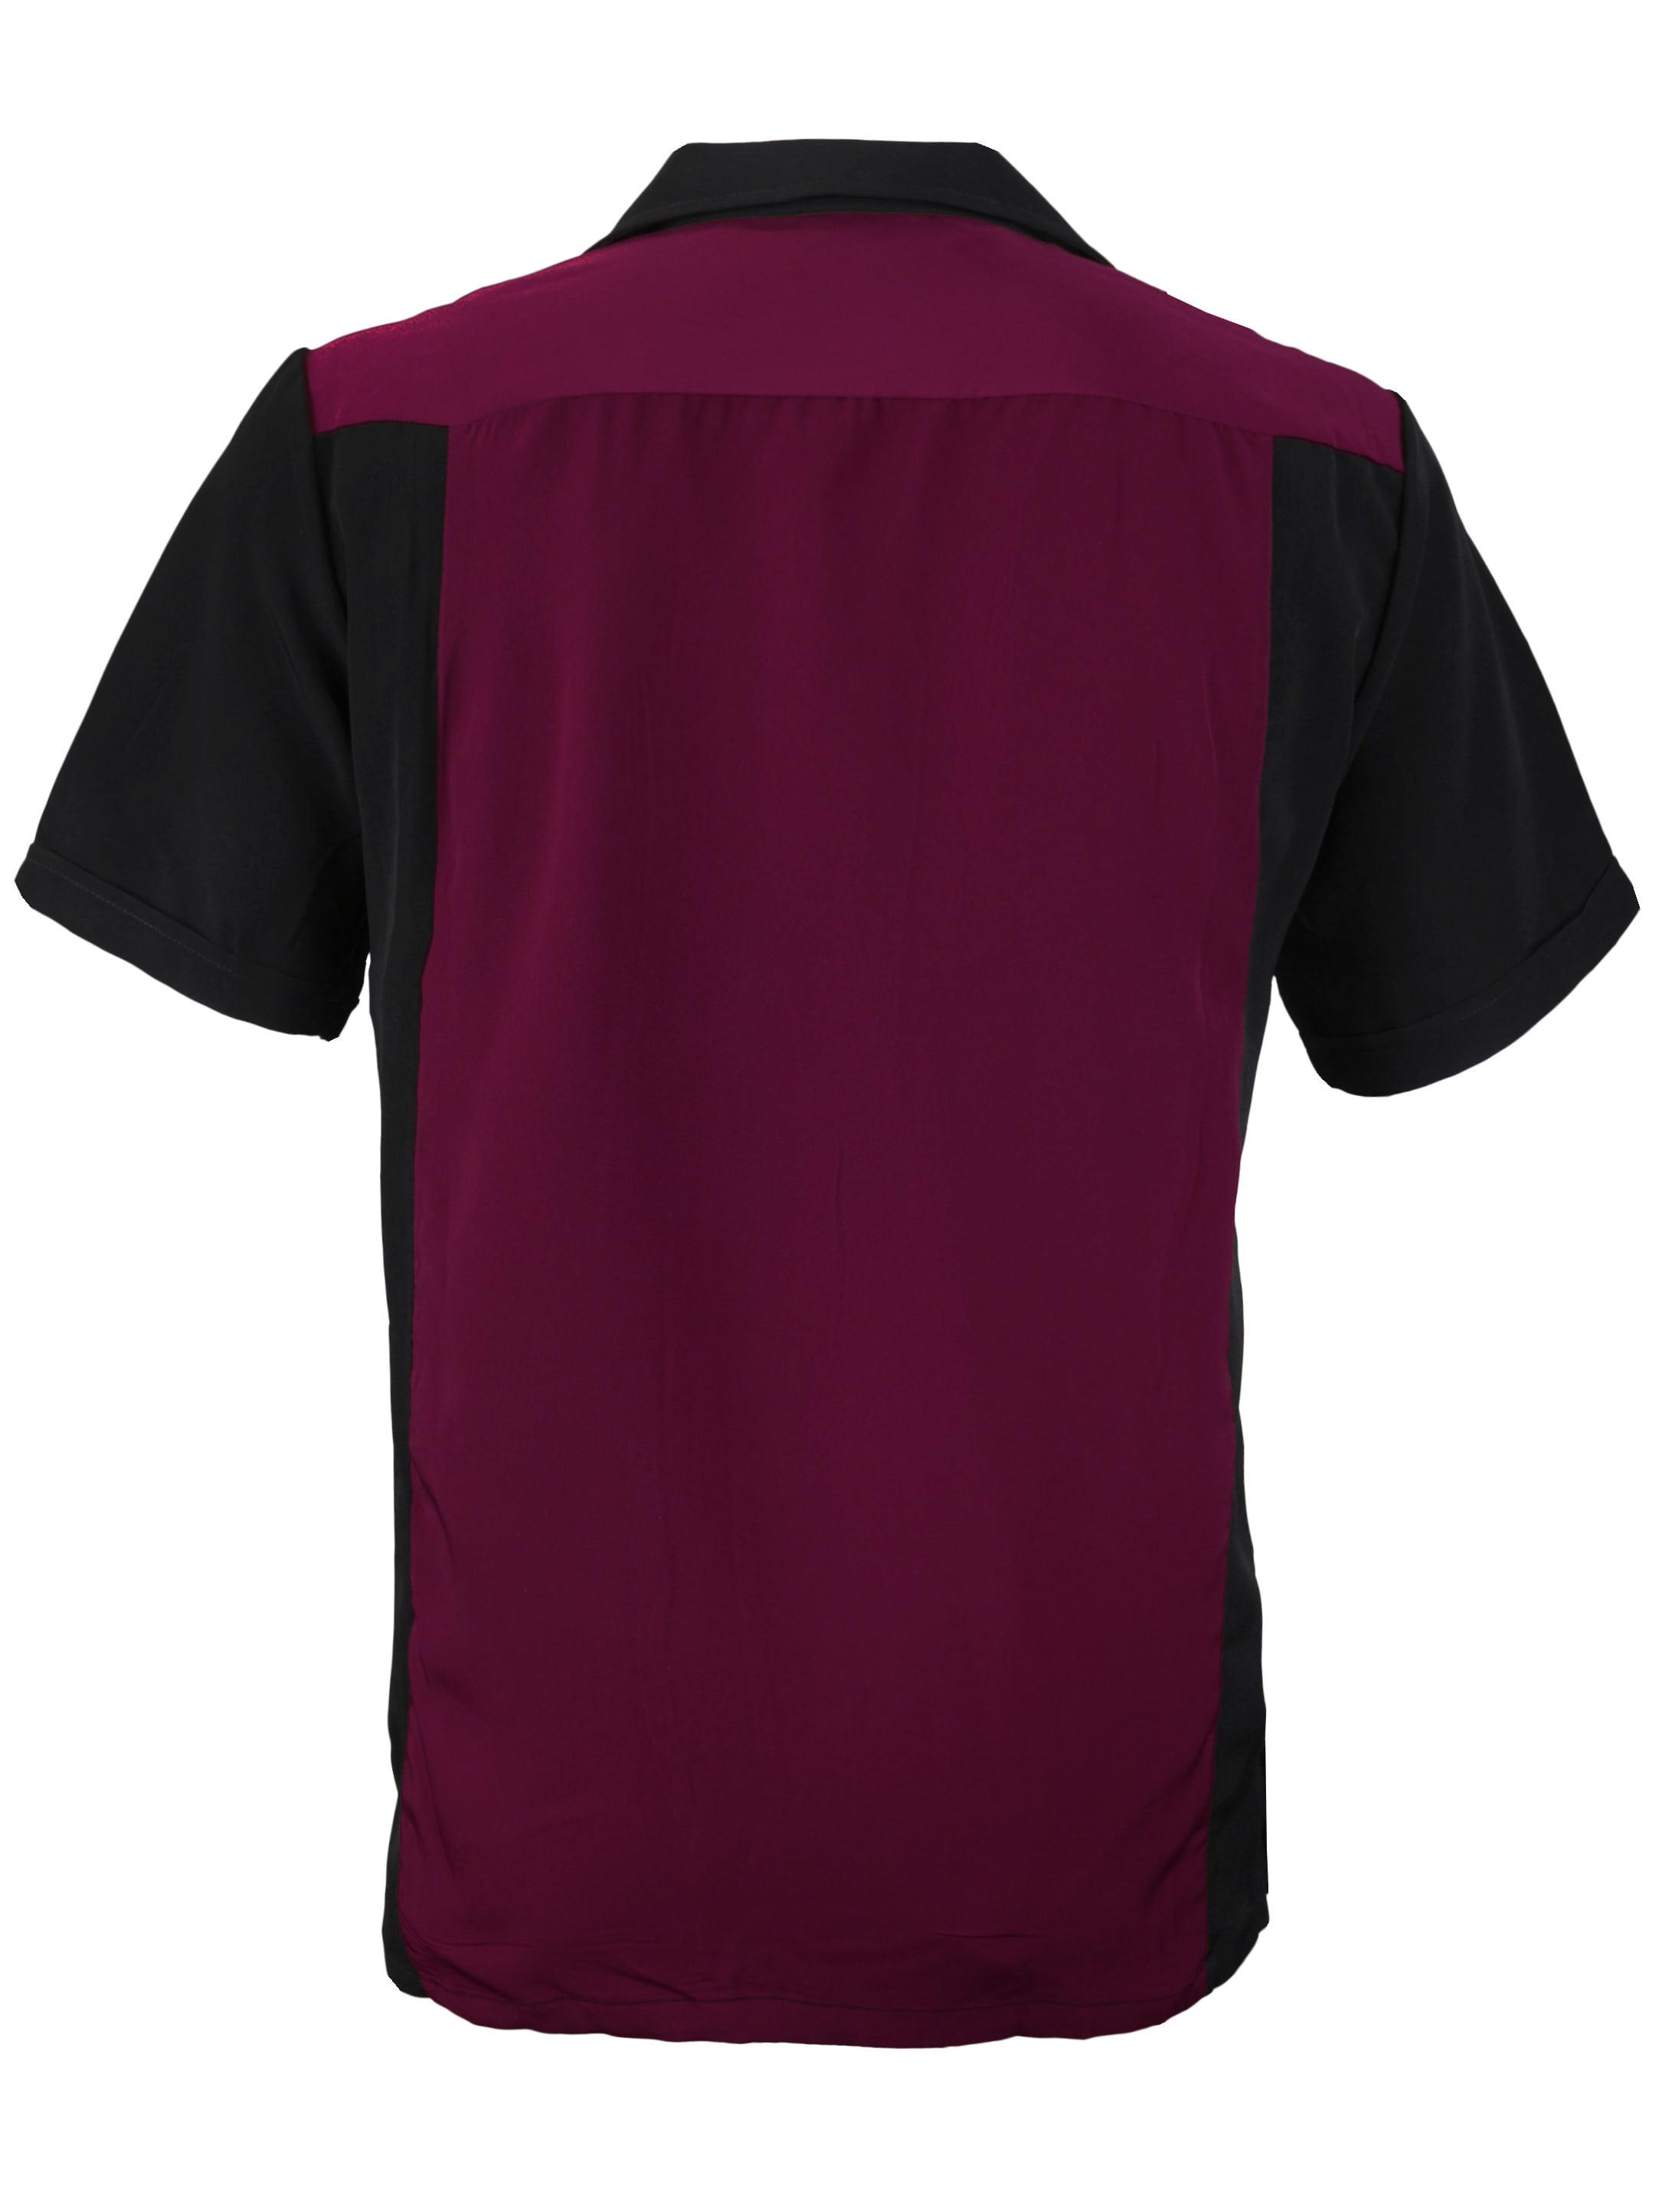 Men S Retro Charlie Sheen Two Tone Guayabera Bowling Shirt Walmart Com Walmart Com